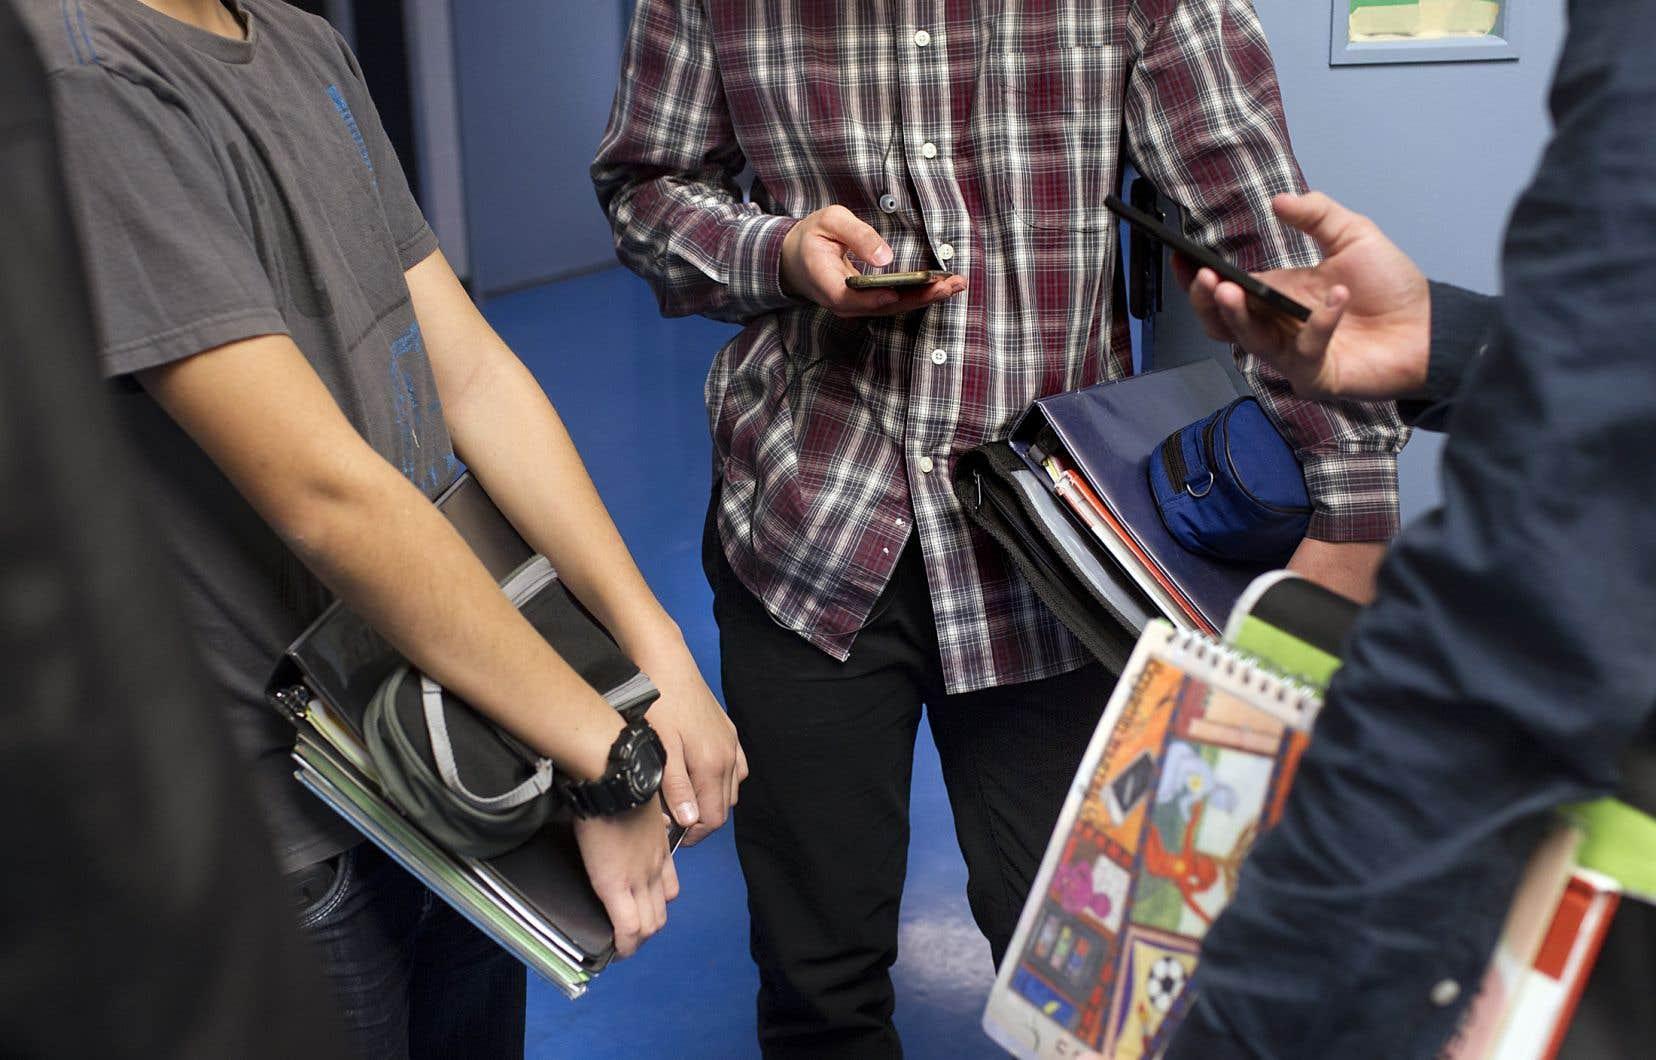 Les adolescents avaient été expulsés du séminaire pour avoir présumément échangé des photos à caractère sexuel de trois de leurs camarades de classe.